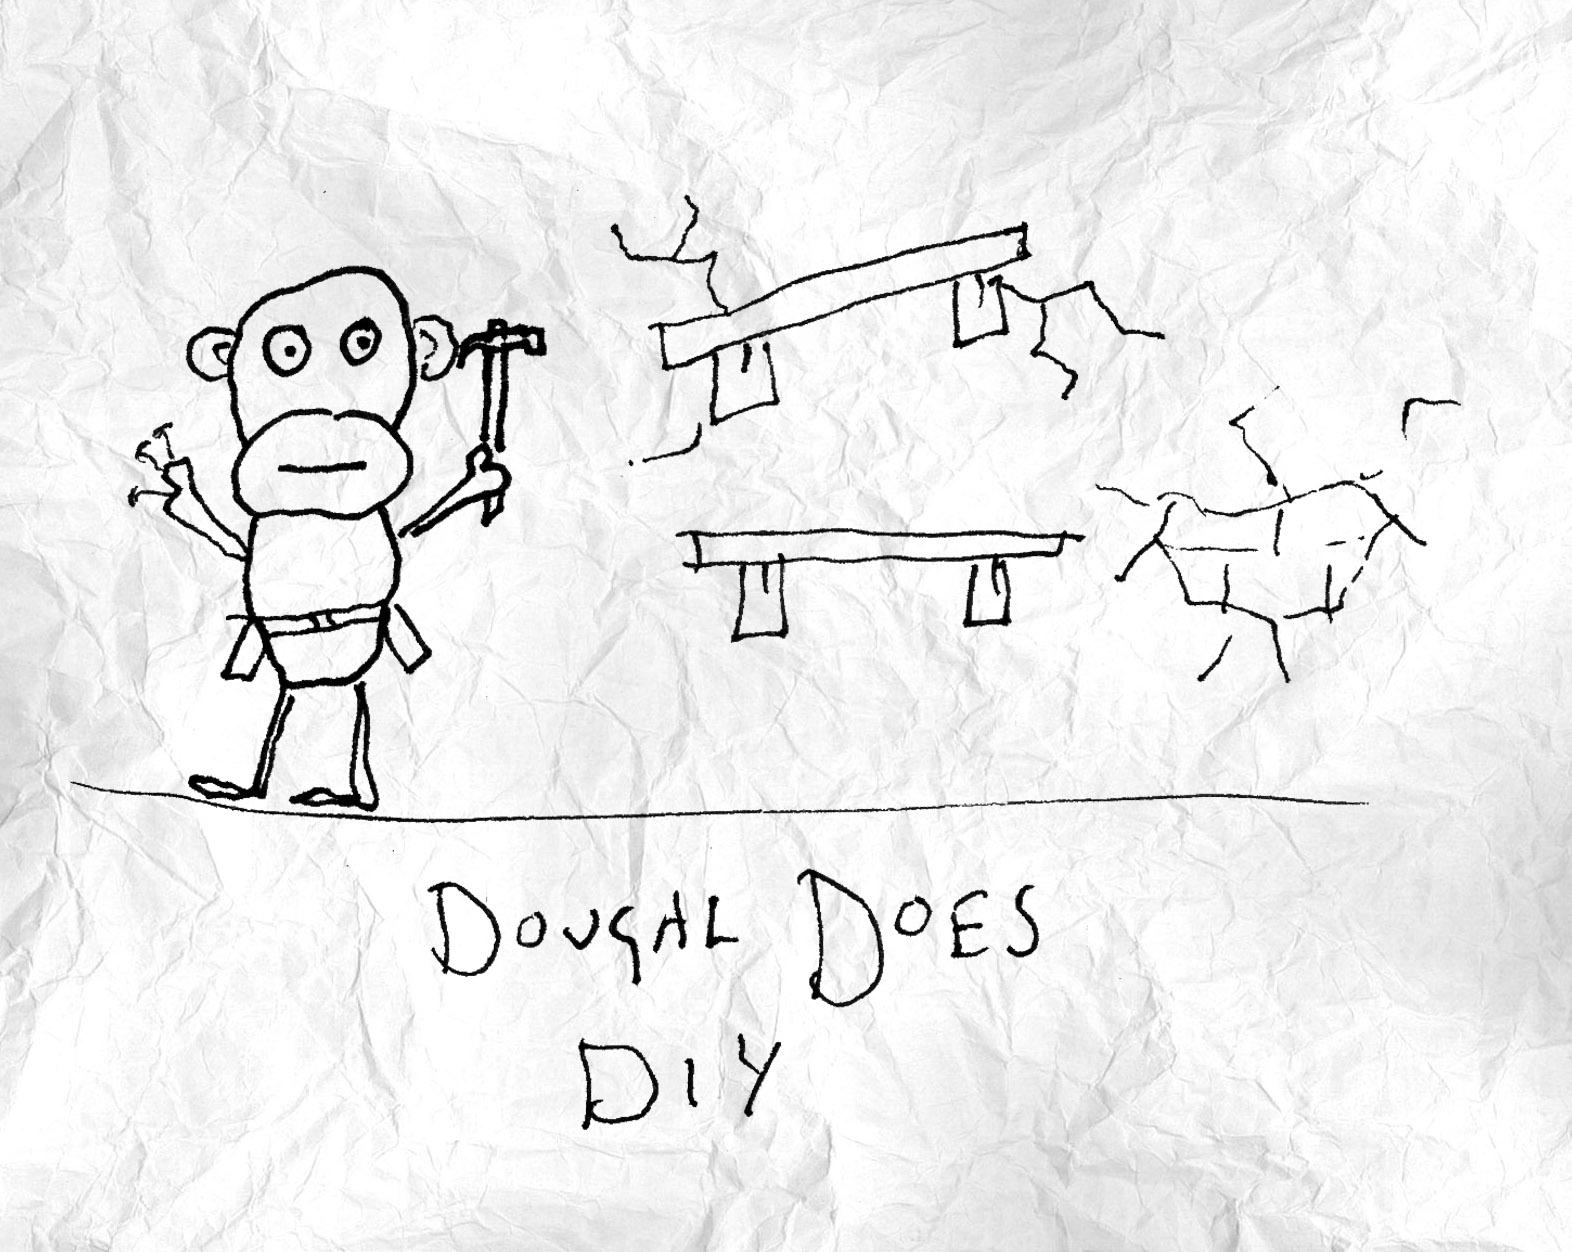 [DDT-+does+diy+copy.jpg]